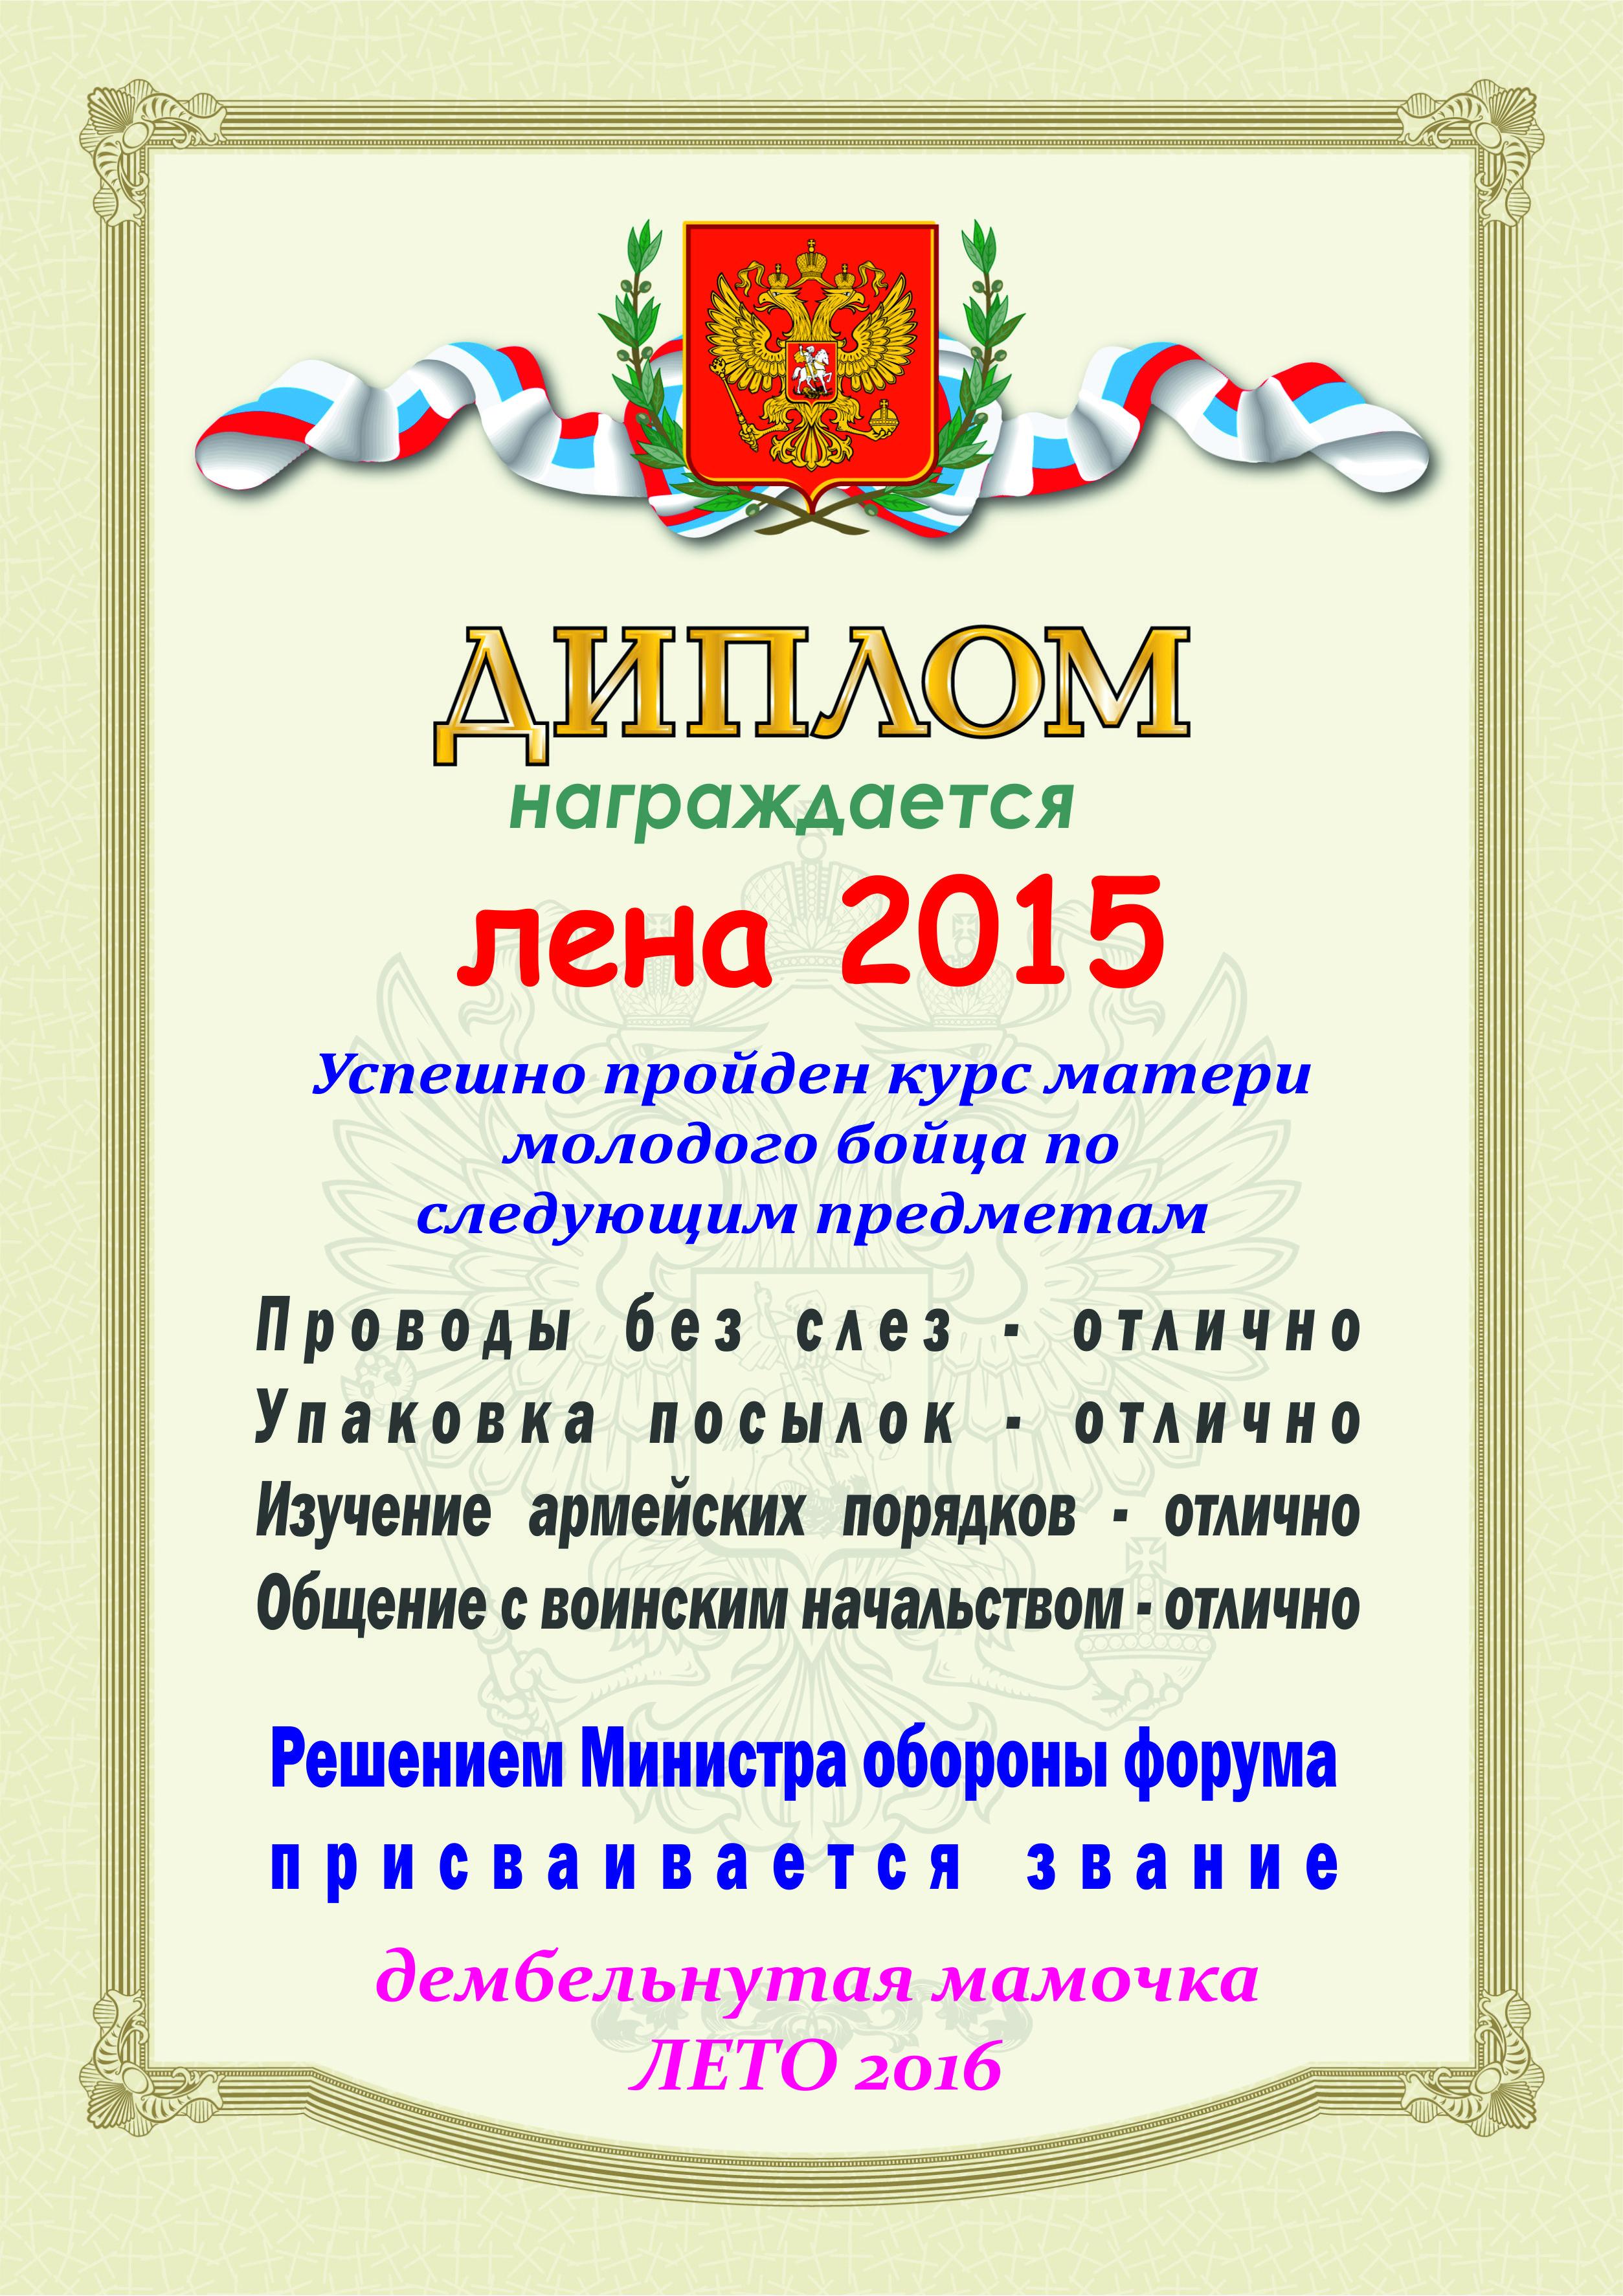 http://s4.uploads.ru/f1av2.jpg